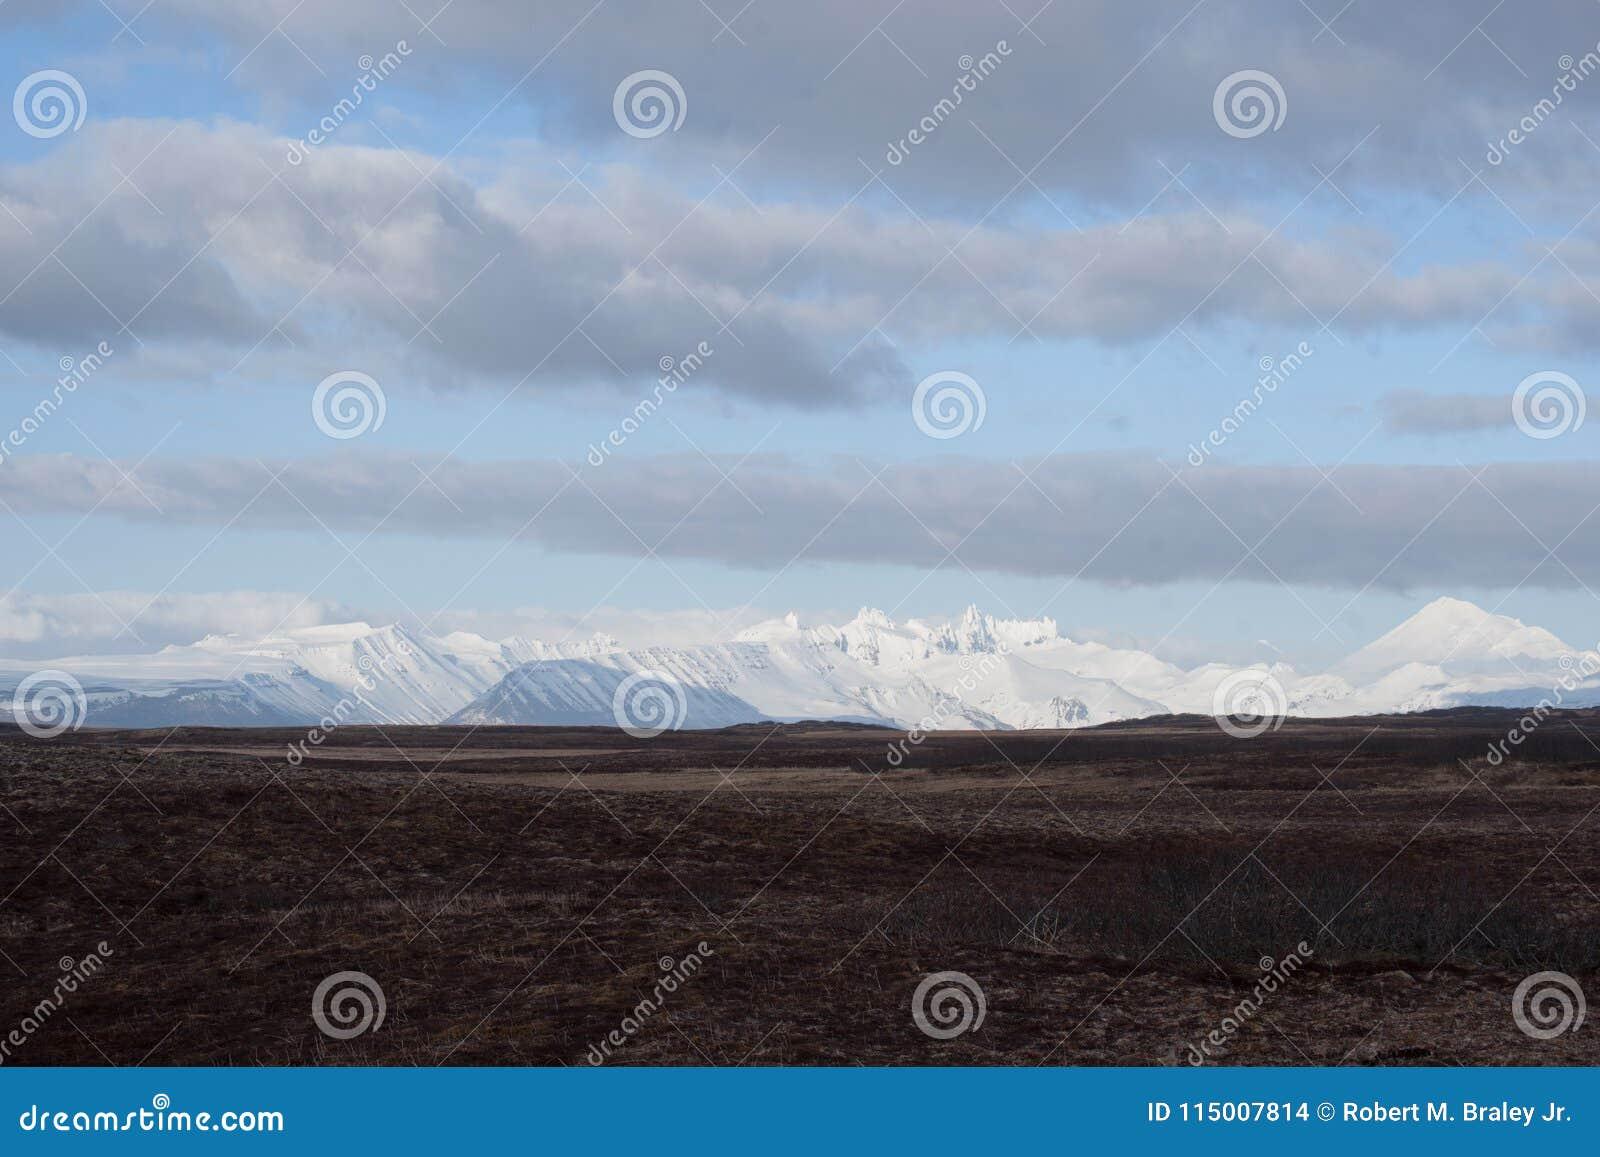 Download King Cove Alaska stock photo. Image of alaska, view - 115007814